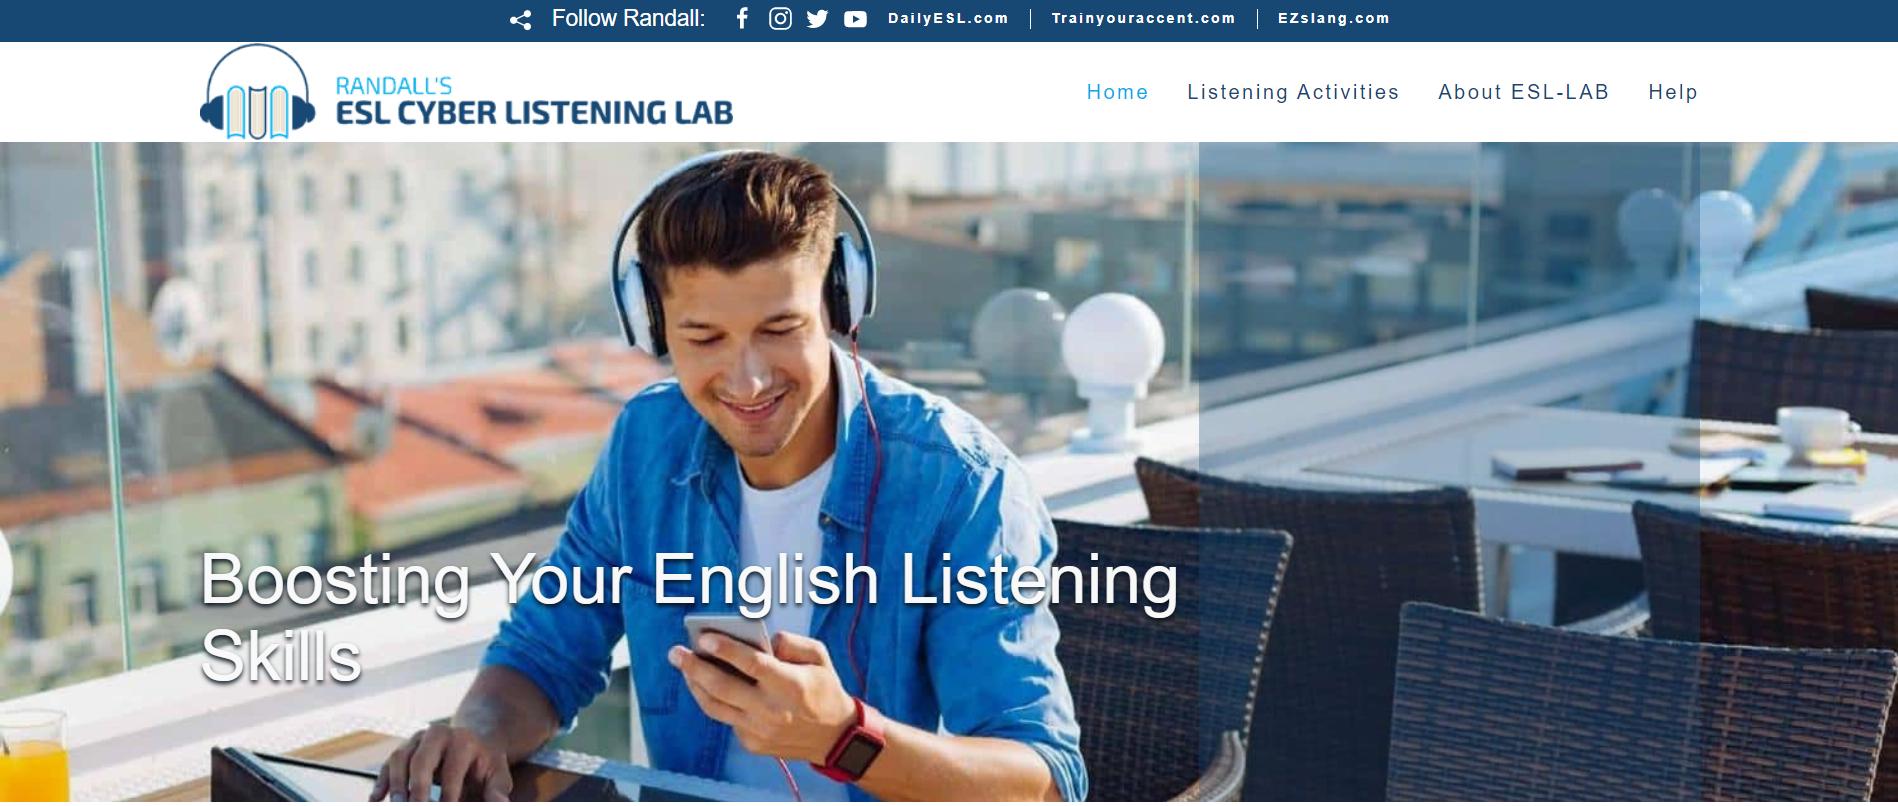 luyện nghe cùng kênh esl